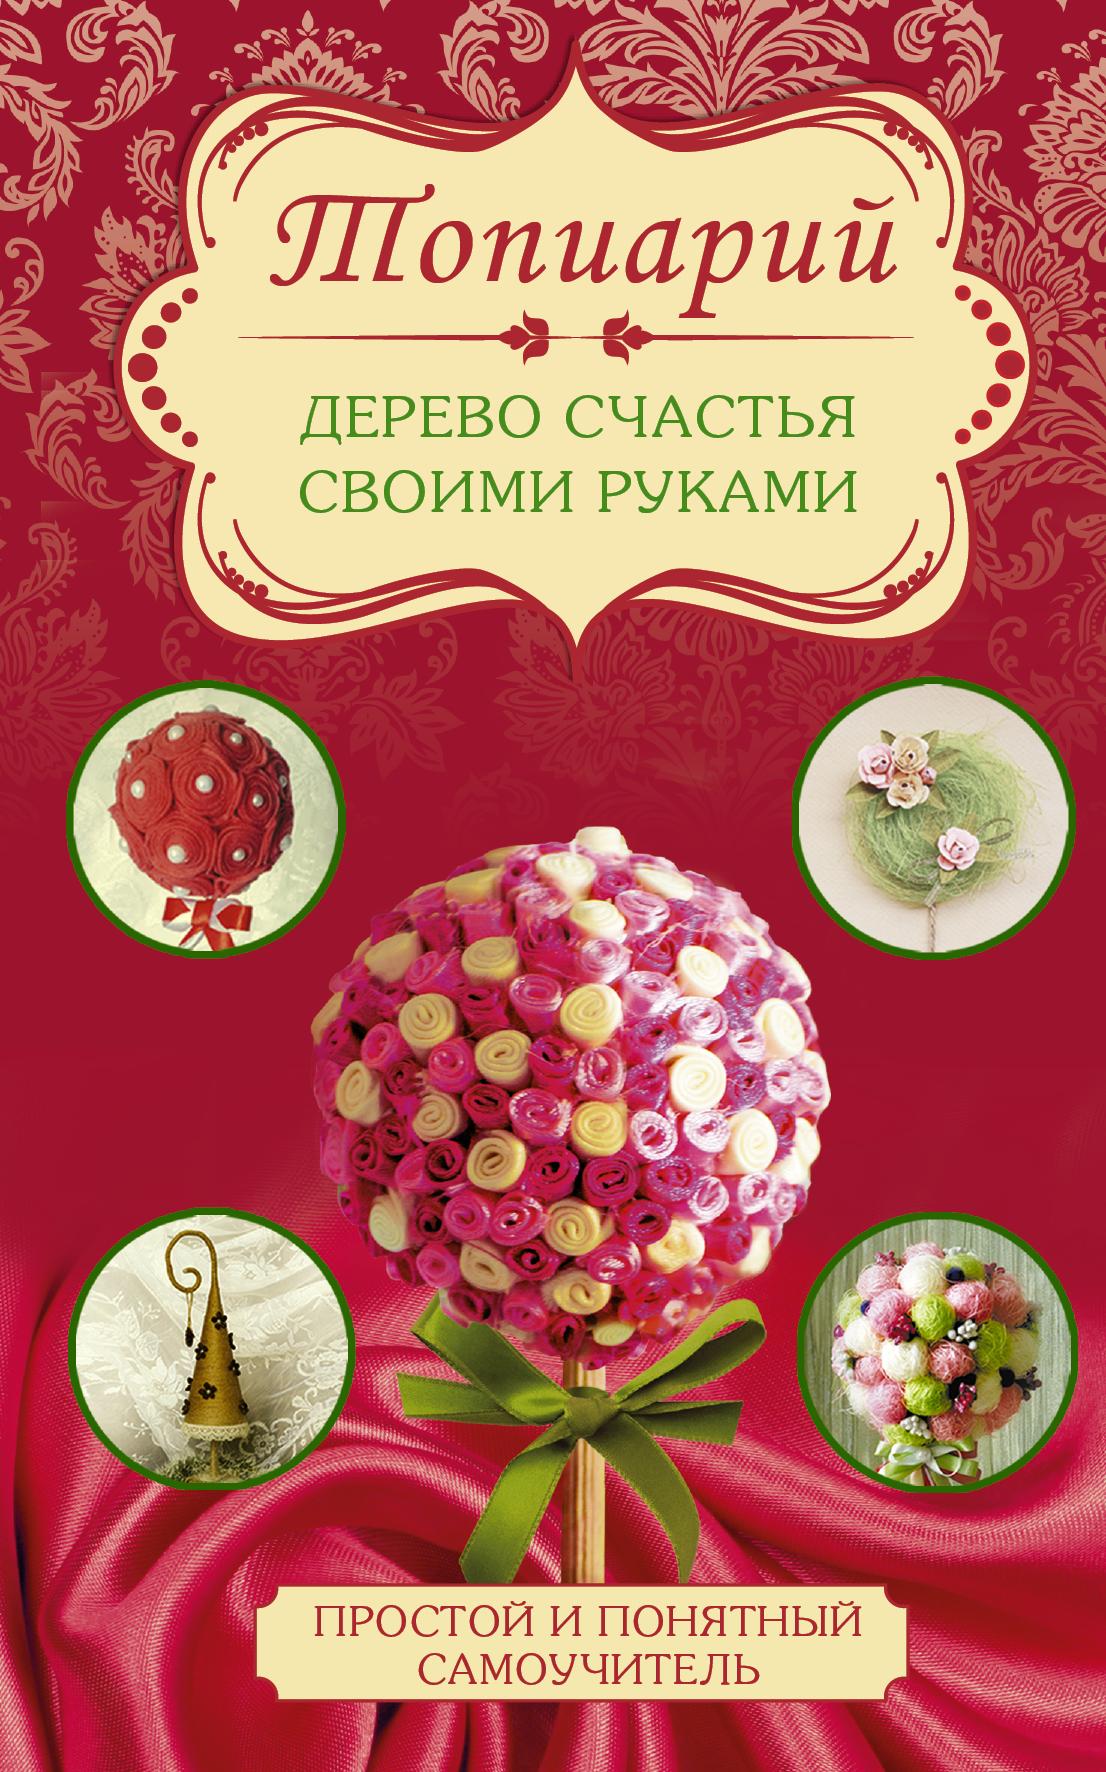 Топиарий - дерево счастья своими руками ( Соханева Ю.  )